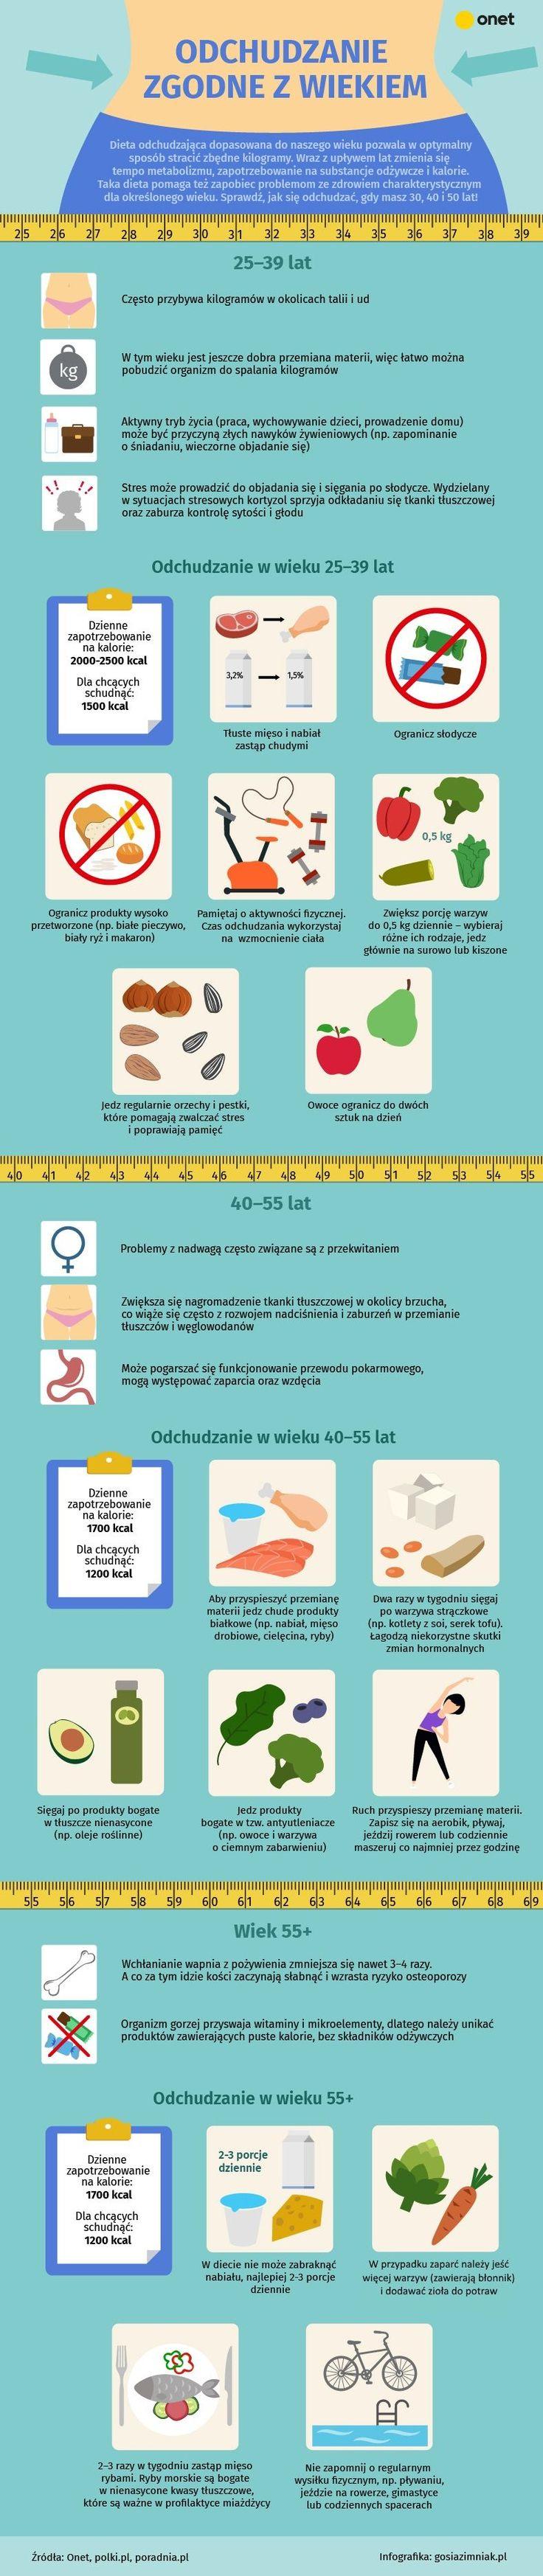 Odchudzanie zgodne z wiekiem. Co, gdy masz 30, 40 i 50 lat? [INFOGRAFIKA] - Bądź Fit!